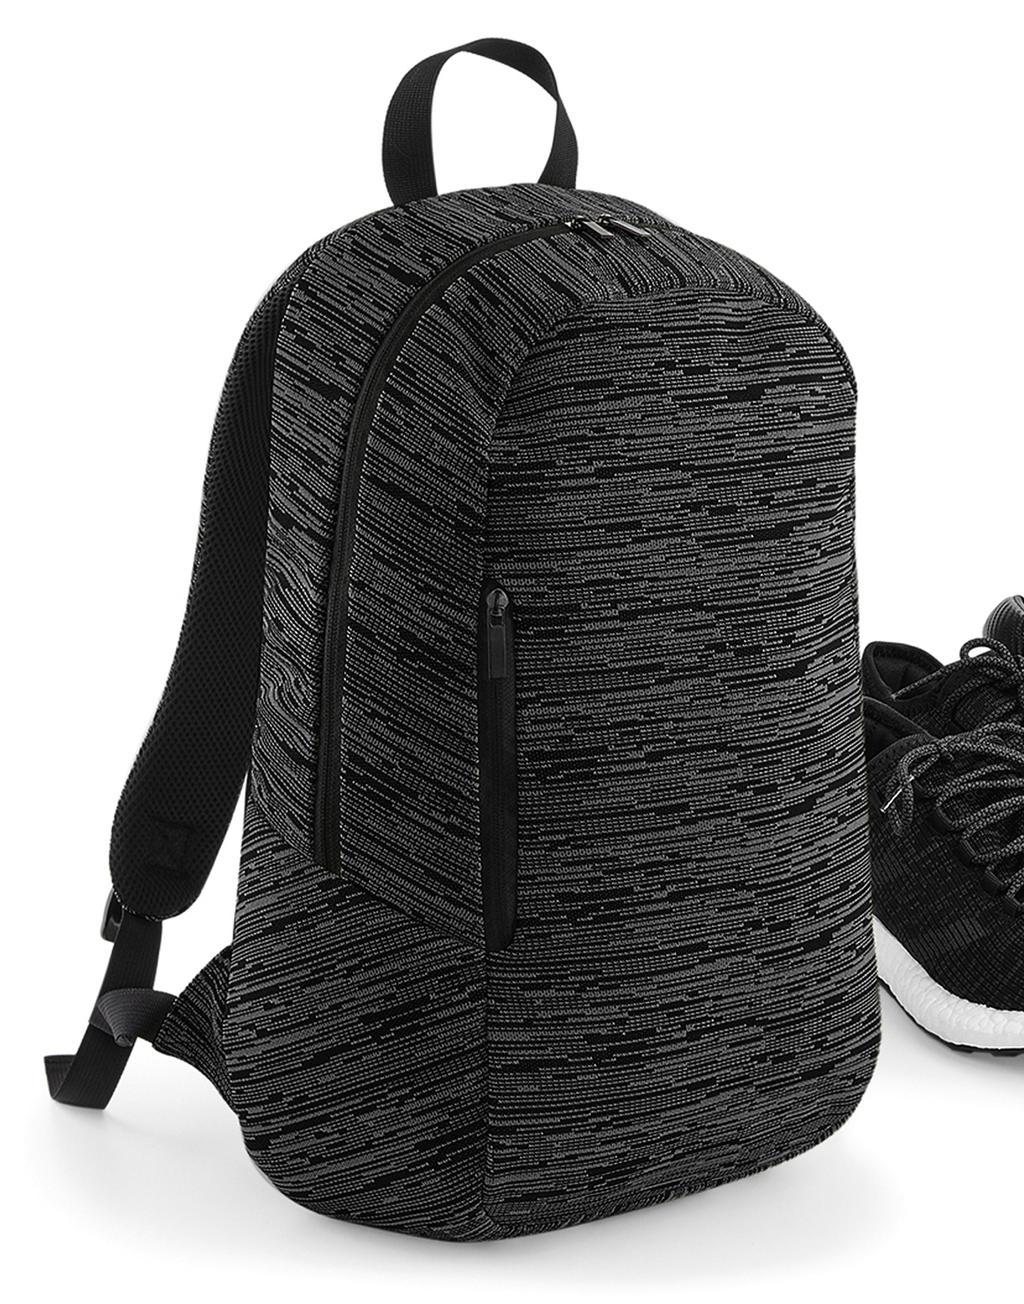 Plecak Duo Knit